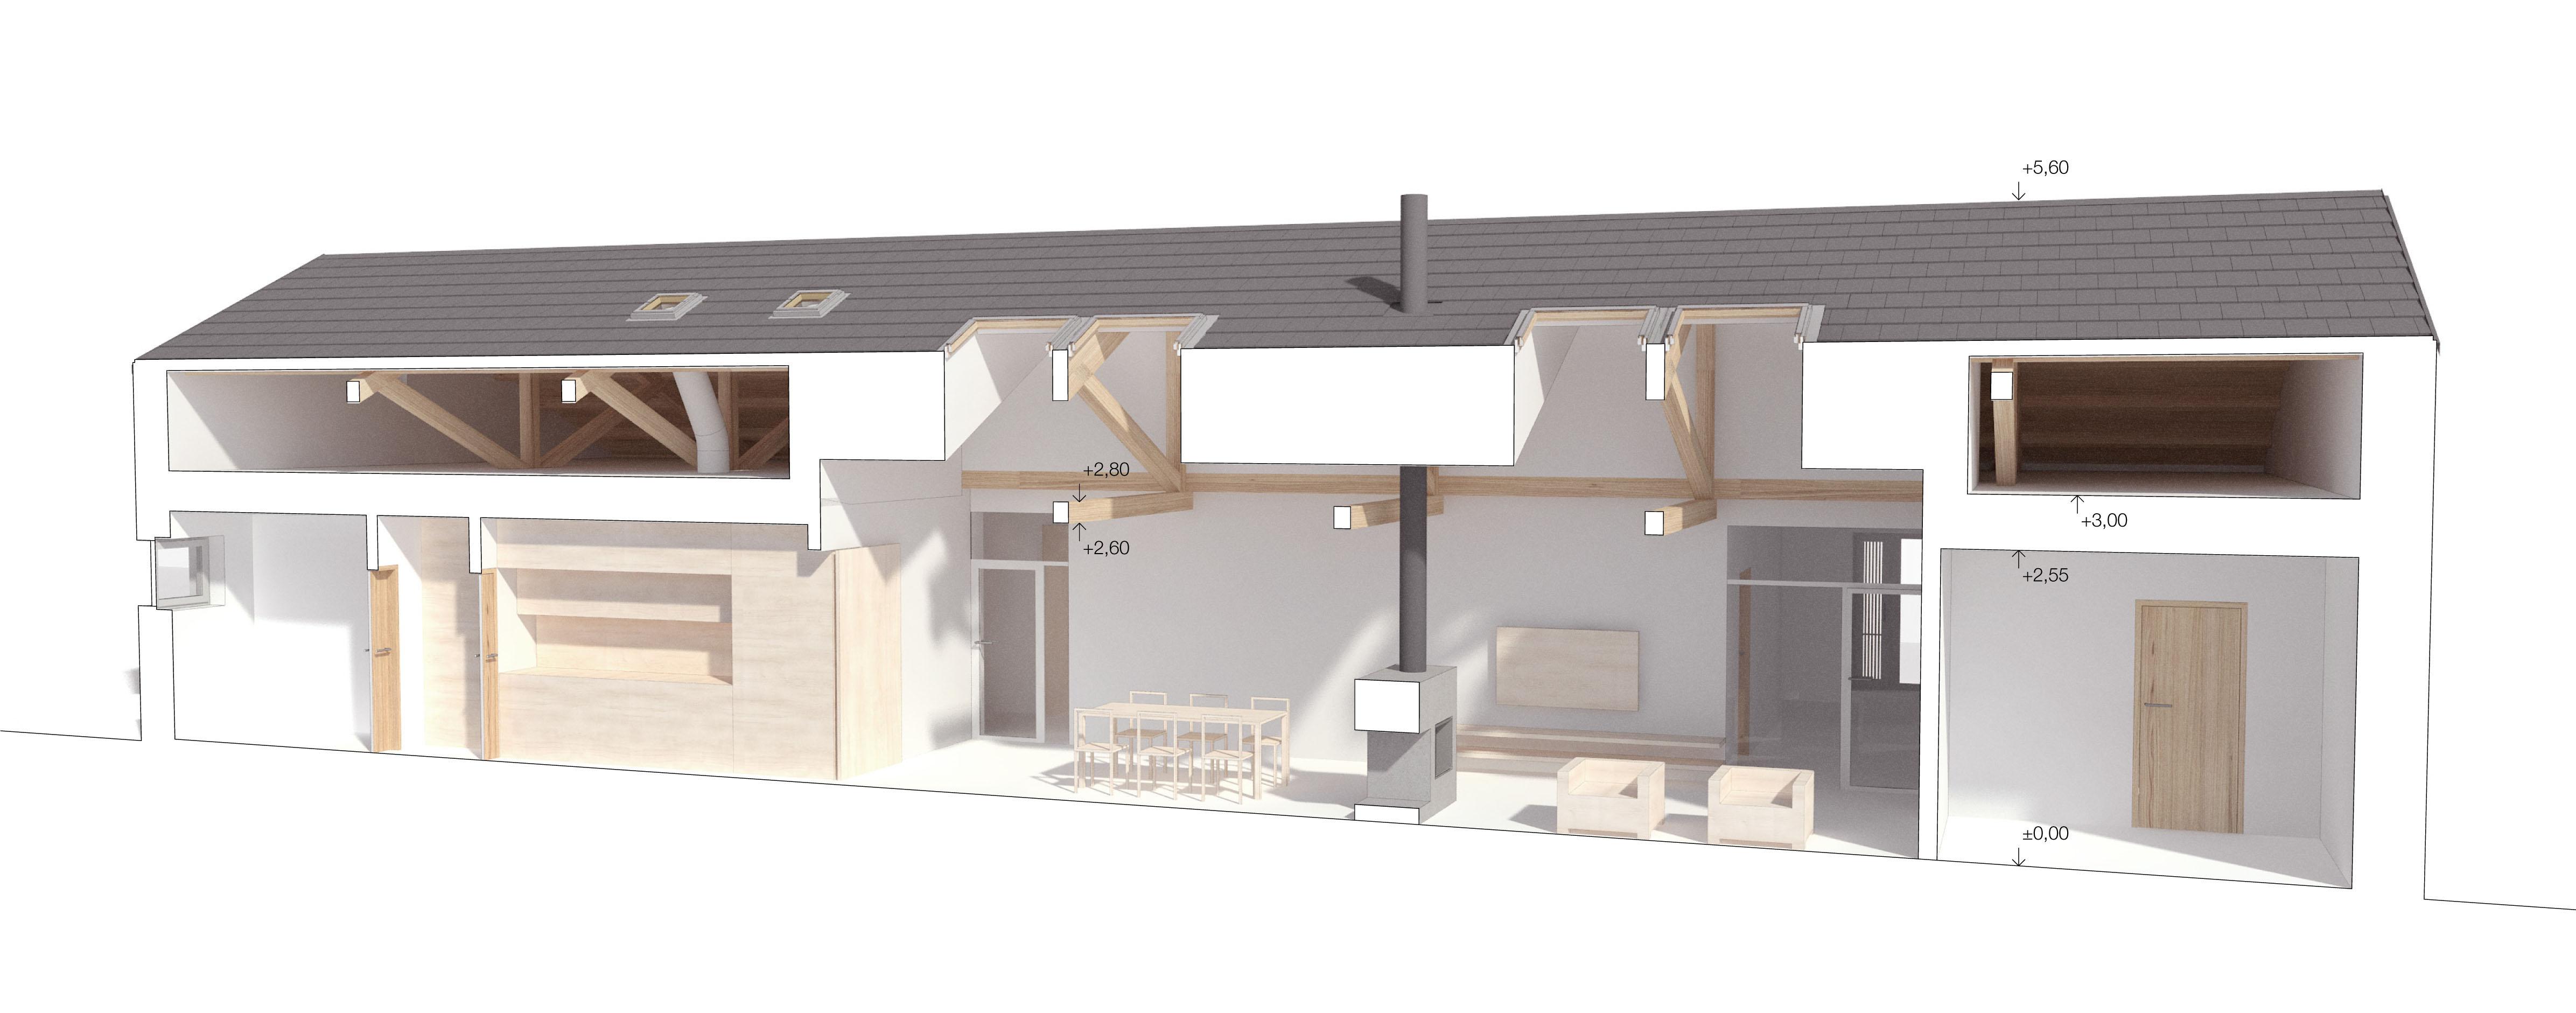 Podélný prostorový řez domem